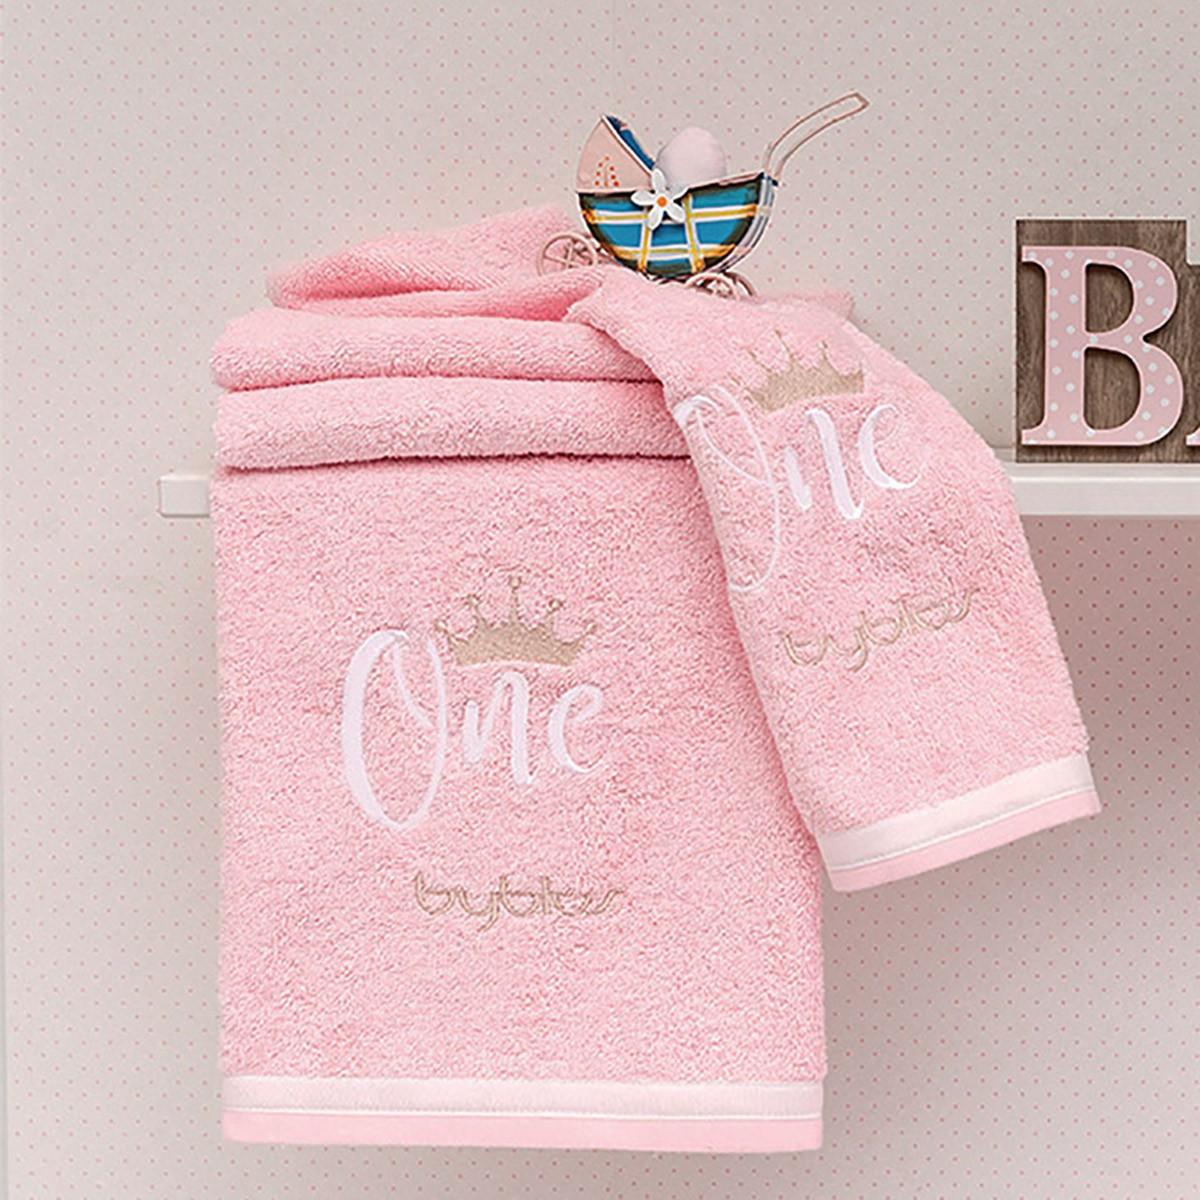 Βρεφικές Πετσέτες (Σετ 2τμχ) Byblos Des 86 One Pink 84082